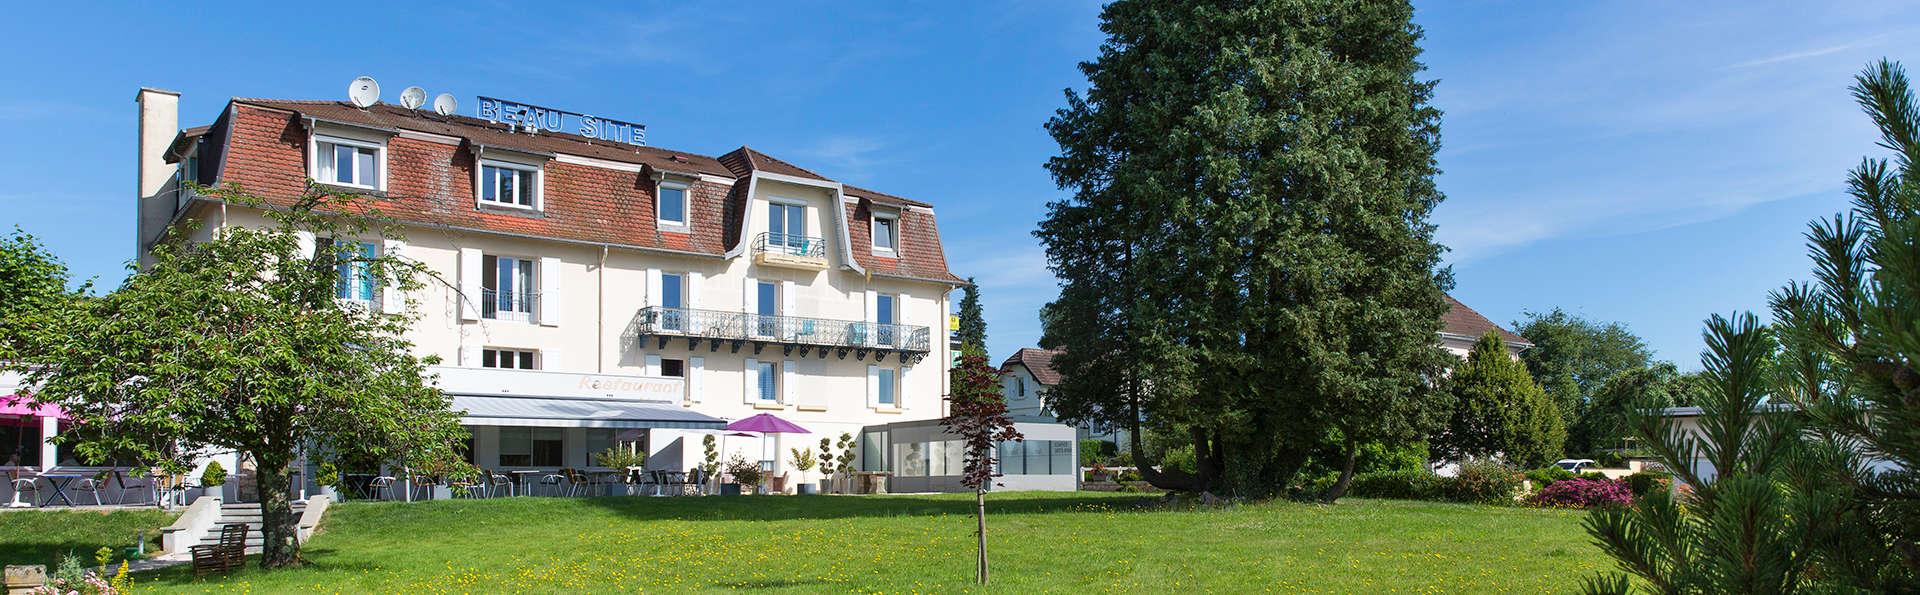 Hôtel Beau Site - Luxeuil-les-Bains - EDIT_Fachada_0.jpg